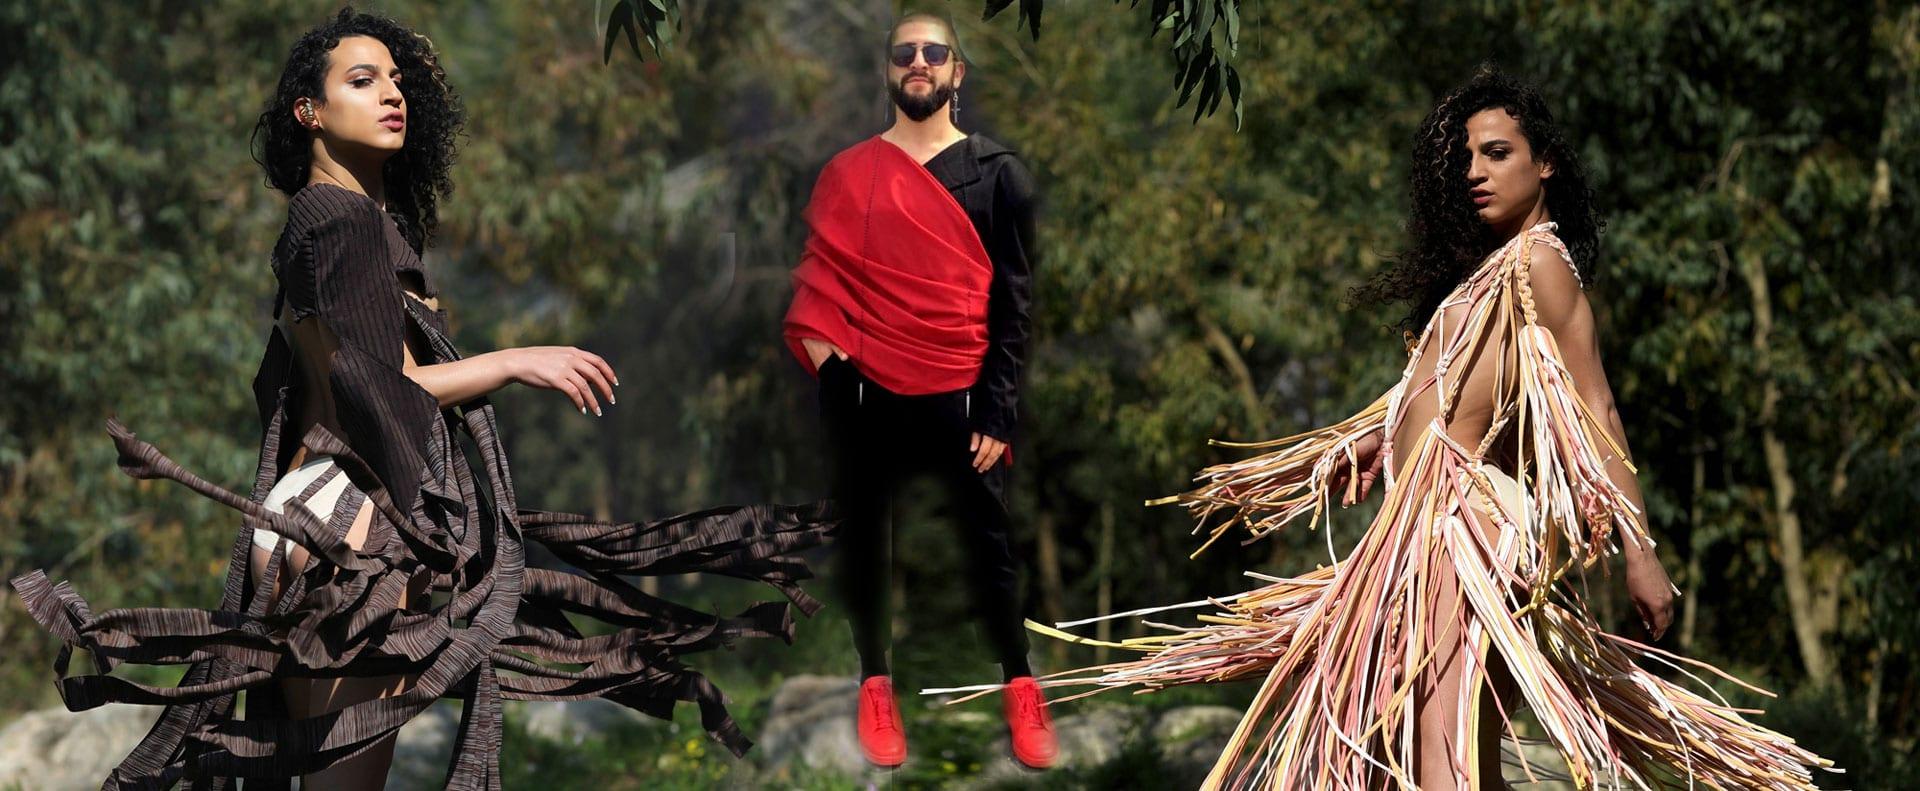 ג׳ורג׳ נאסר, מעצב אופנה - 3144